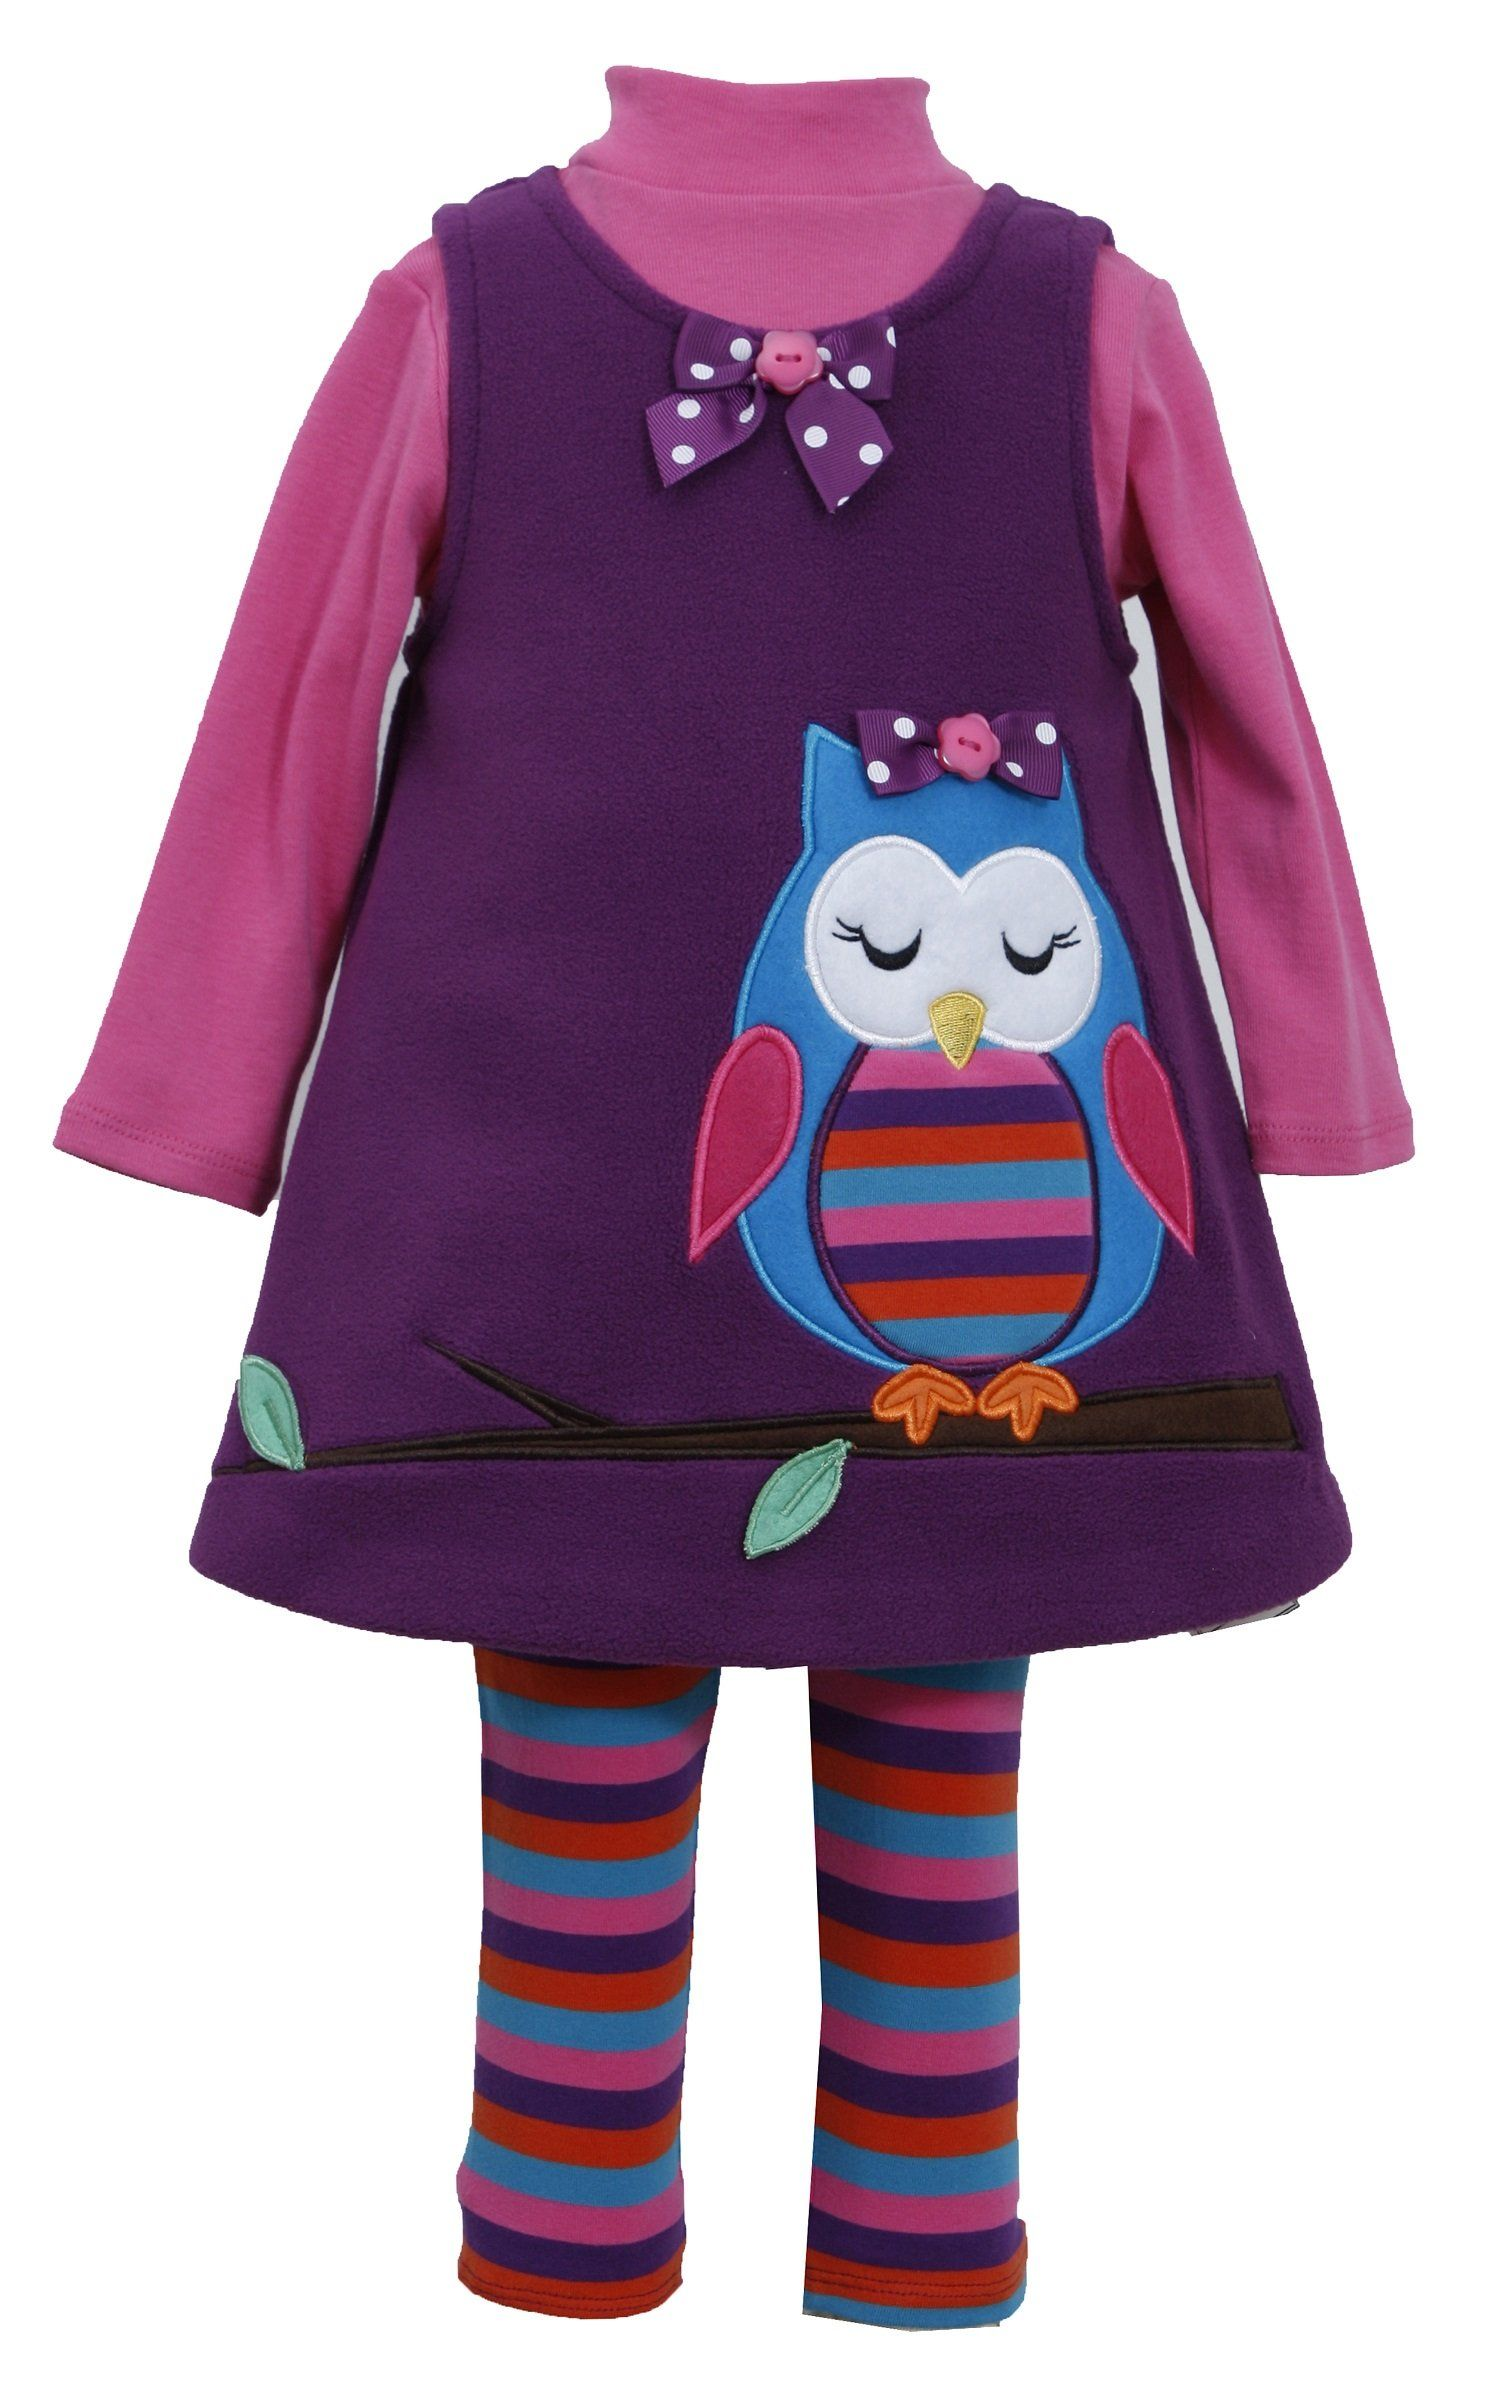 a2fd7bbb7acc Bonnie Jean Little Girls Purple Sleeping Owl Fleece Jumper Dress Legging  3pc set, 4.